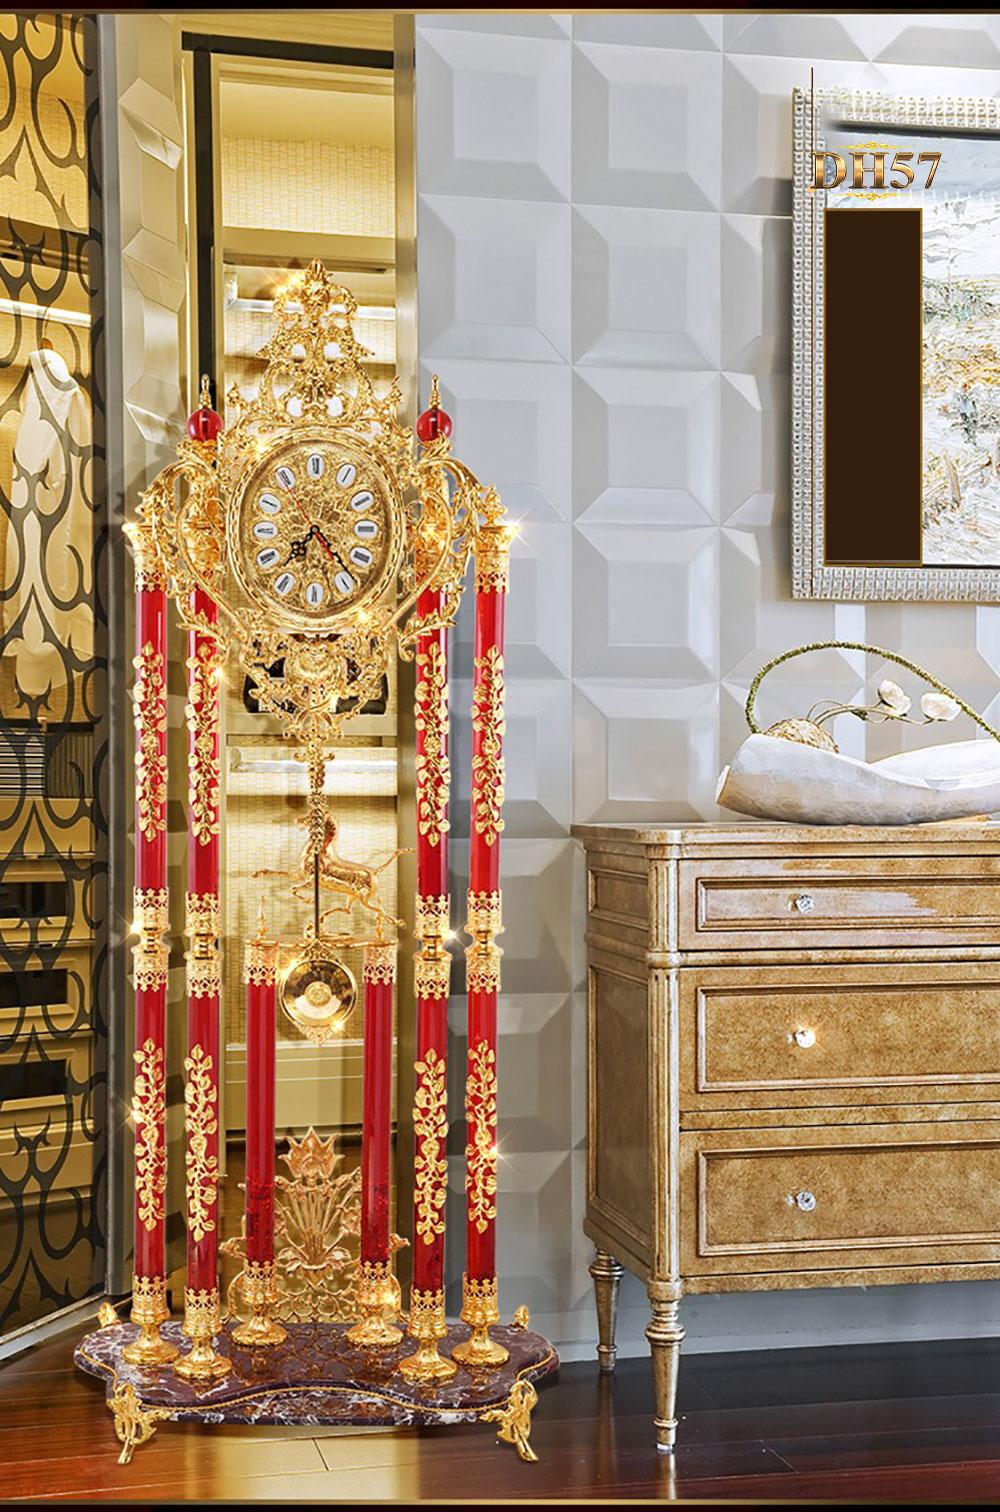 Đồng hồ cây pha lê DH57 chạm ngựa vàng tài lộc cổ điển Châu Âu